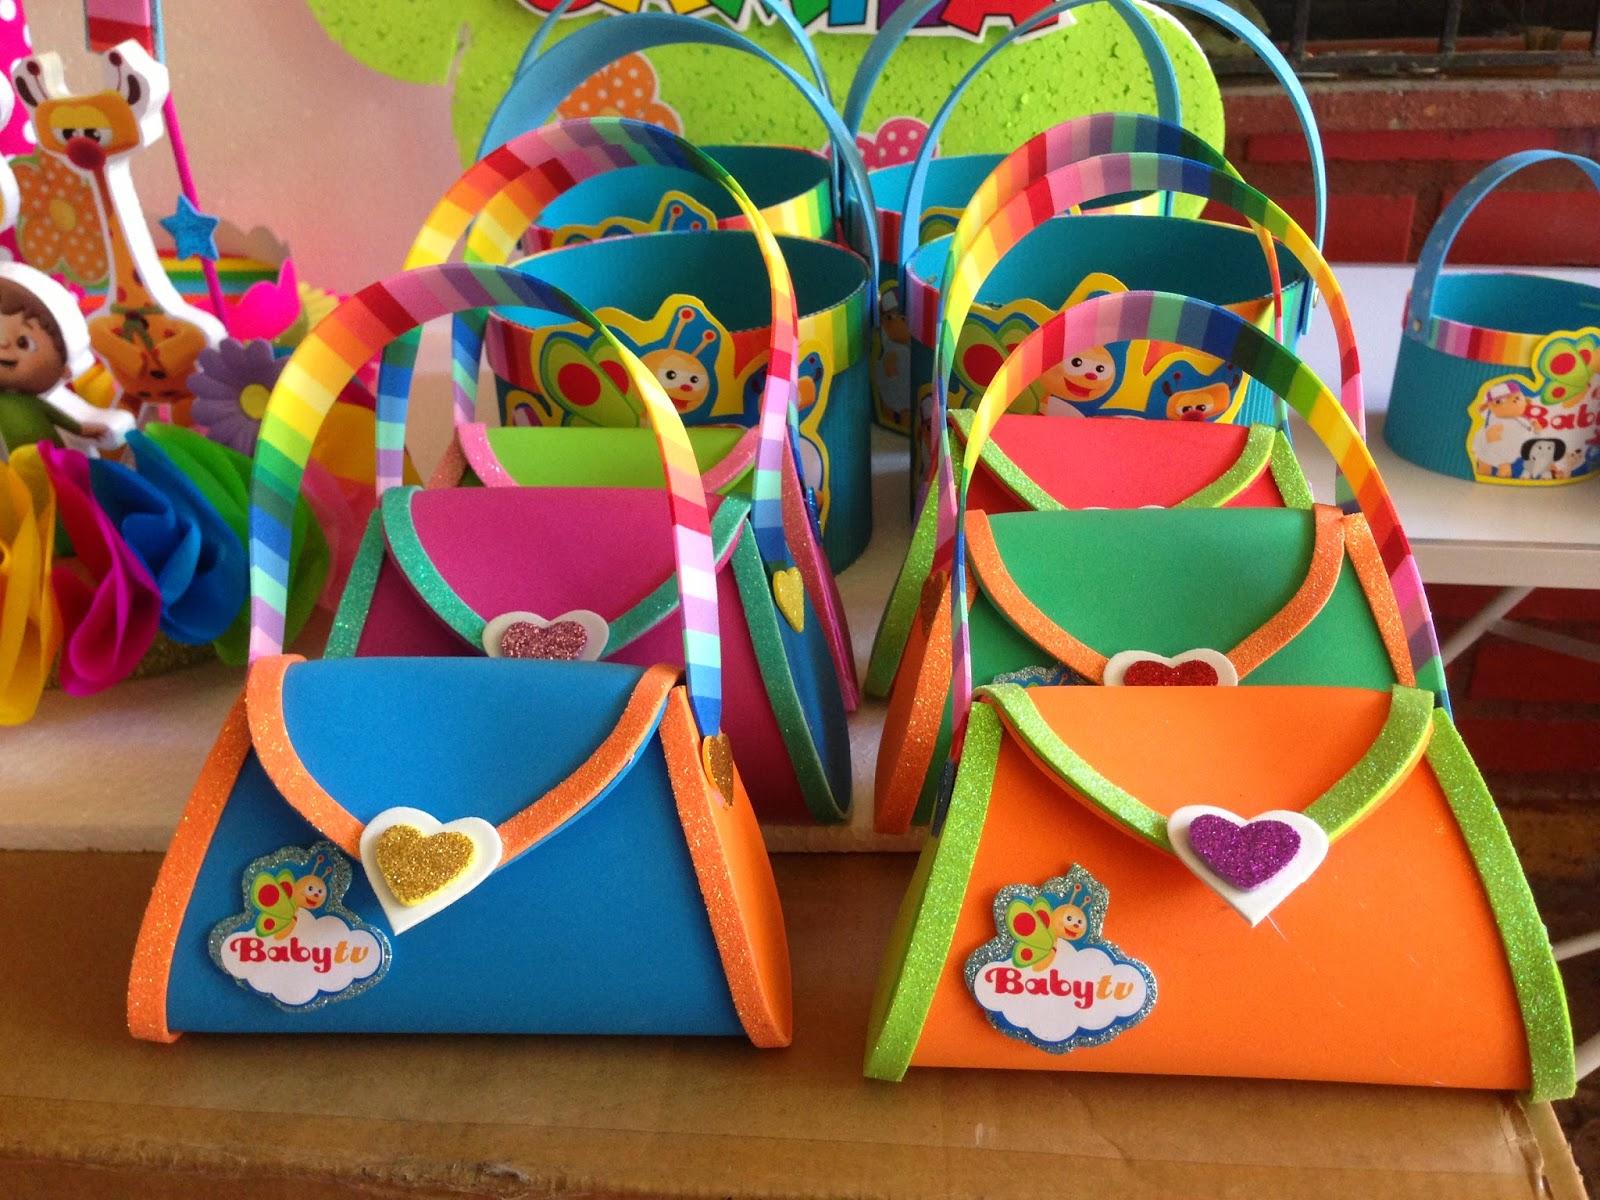 Decoraciones infantiles carteritas de goma eva tematicas for Decoracion infantil goma eva